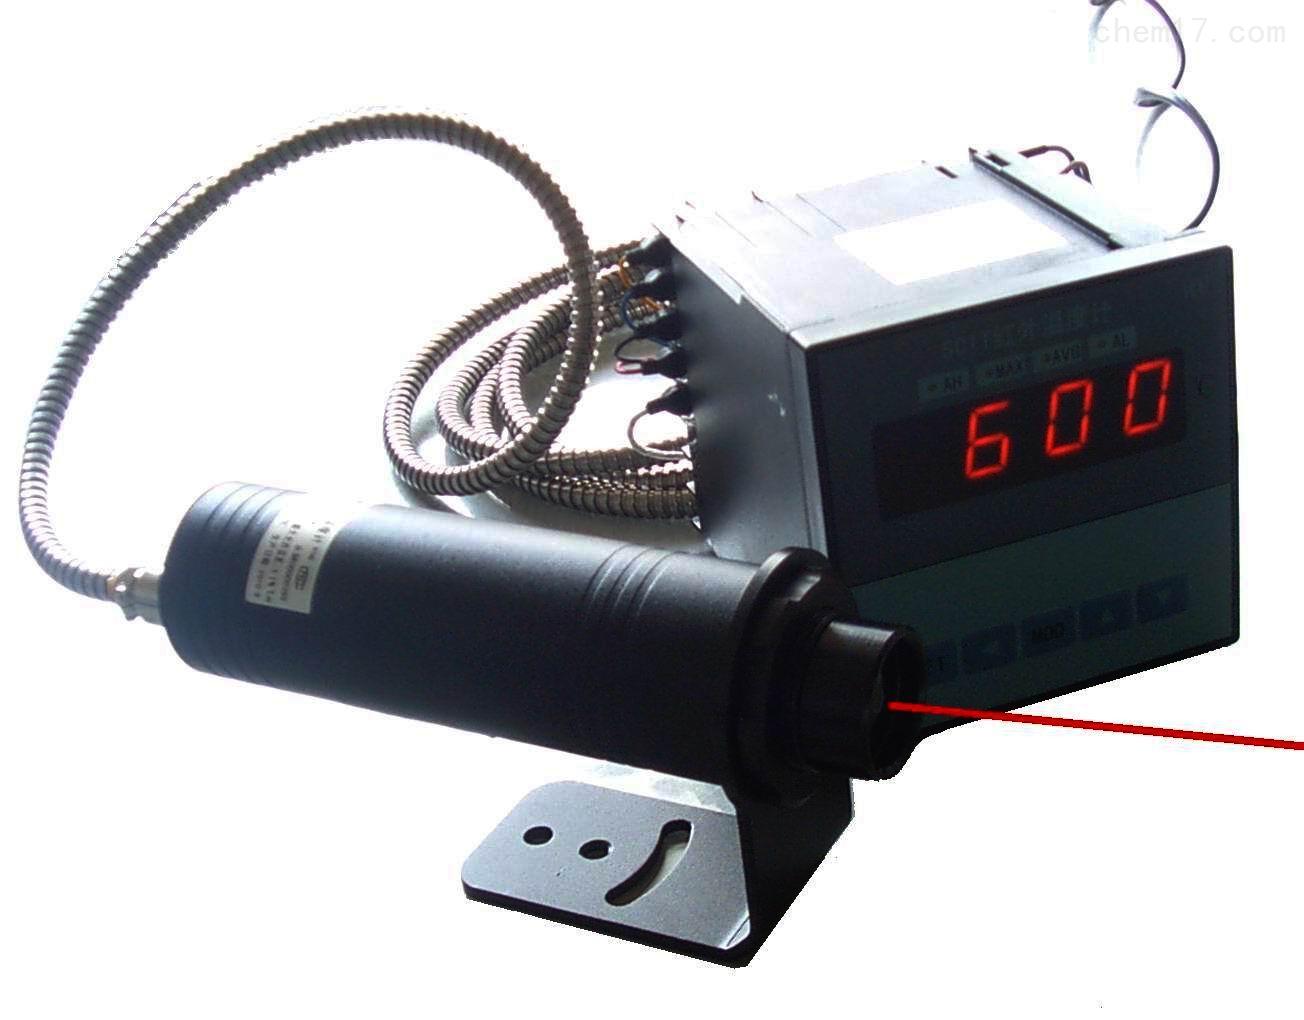 中心激光点瞄准型红外测温仪